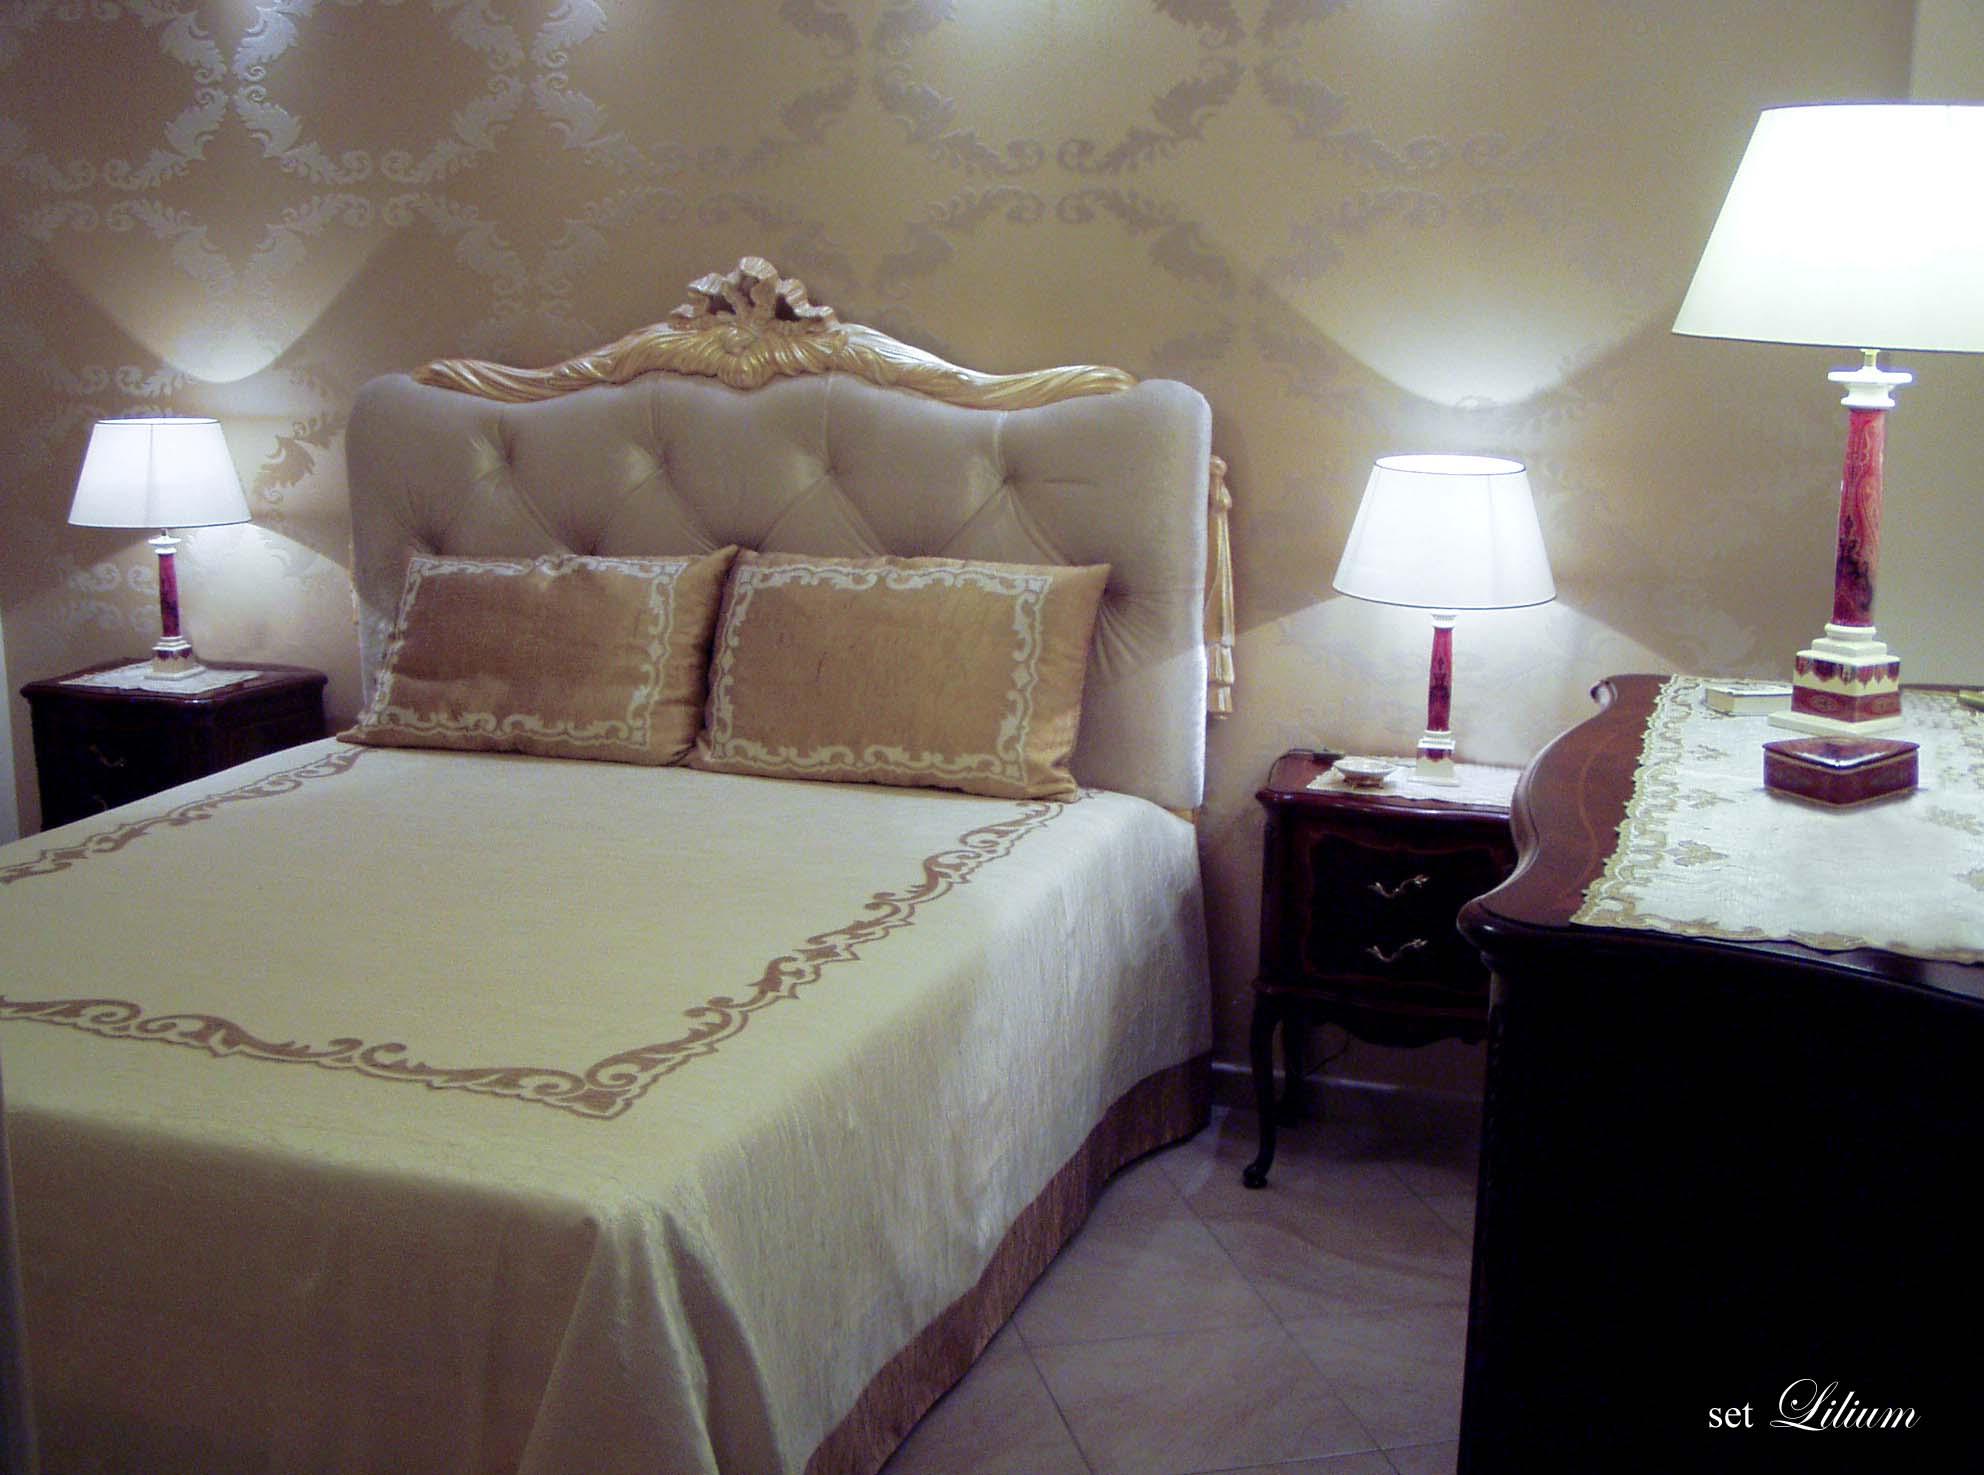 NUVOLA LILIUM luxury bedroom